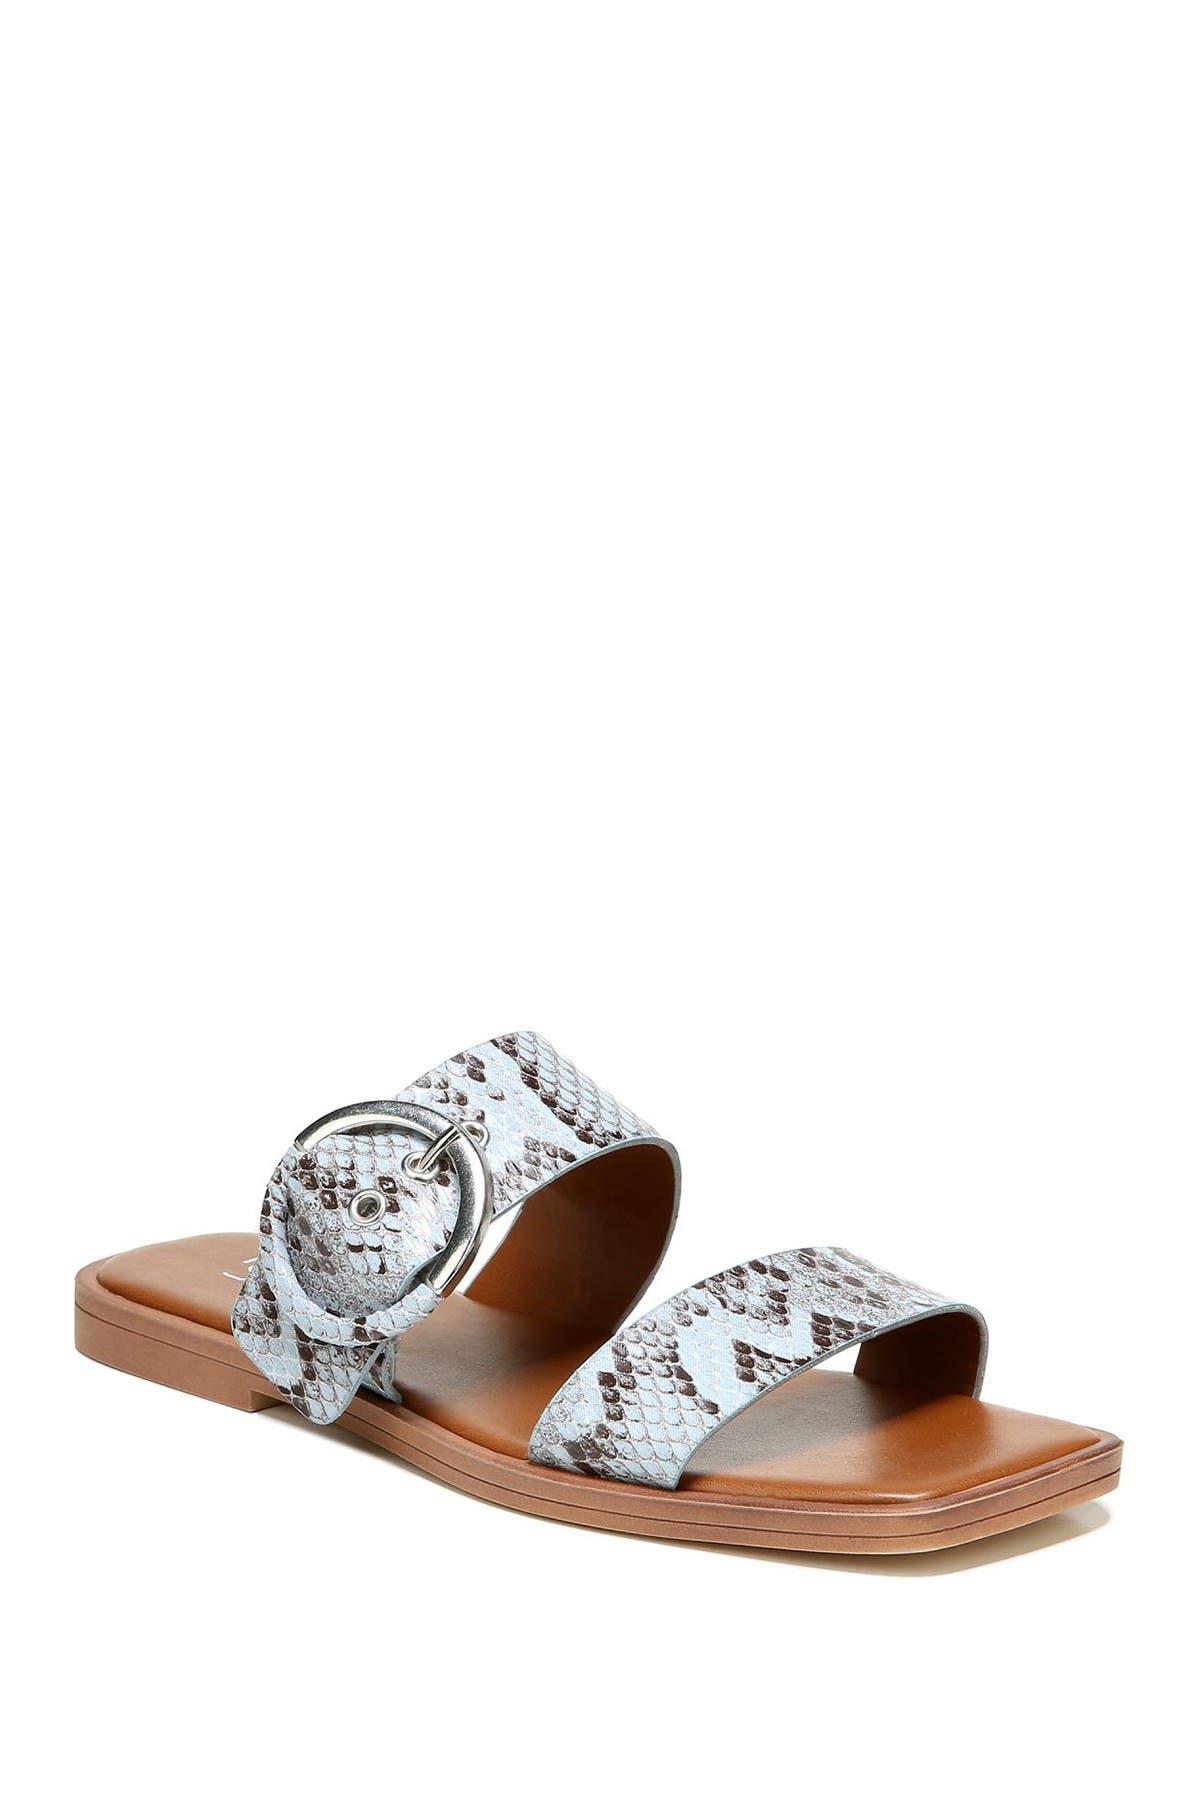 Image of Franco Sarto Merris Snake Embossed Slide Sandal